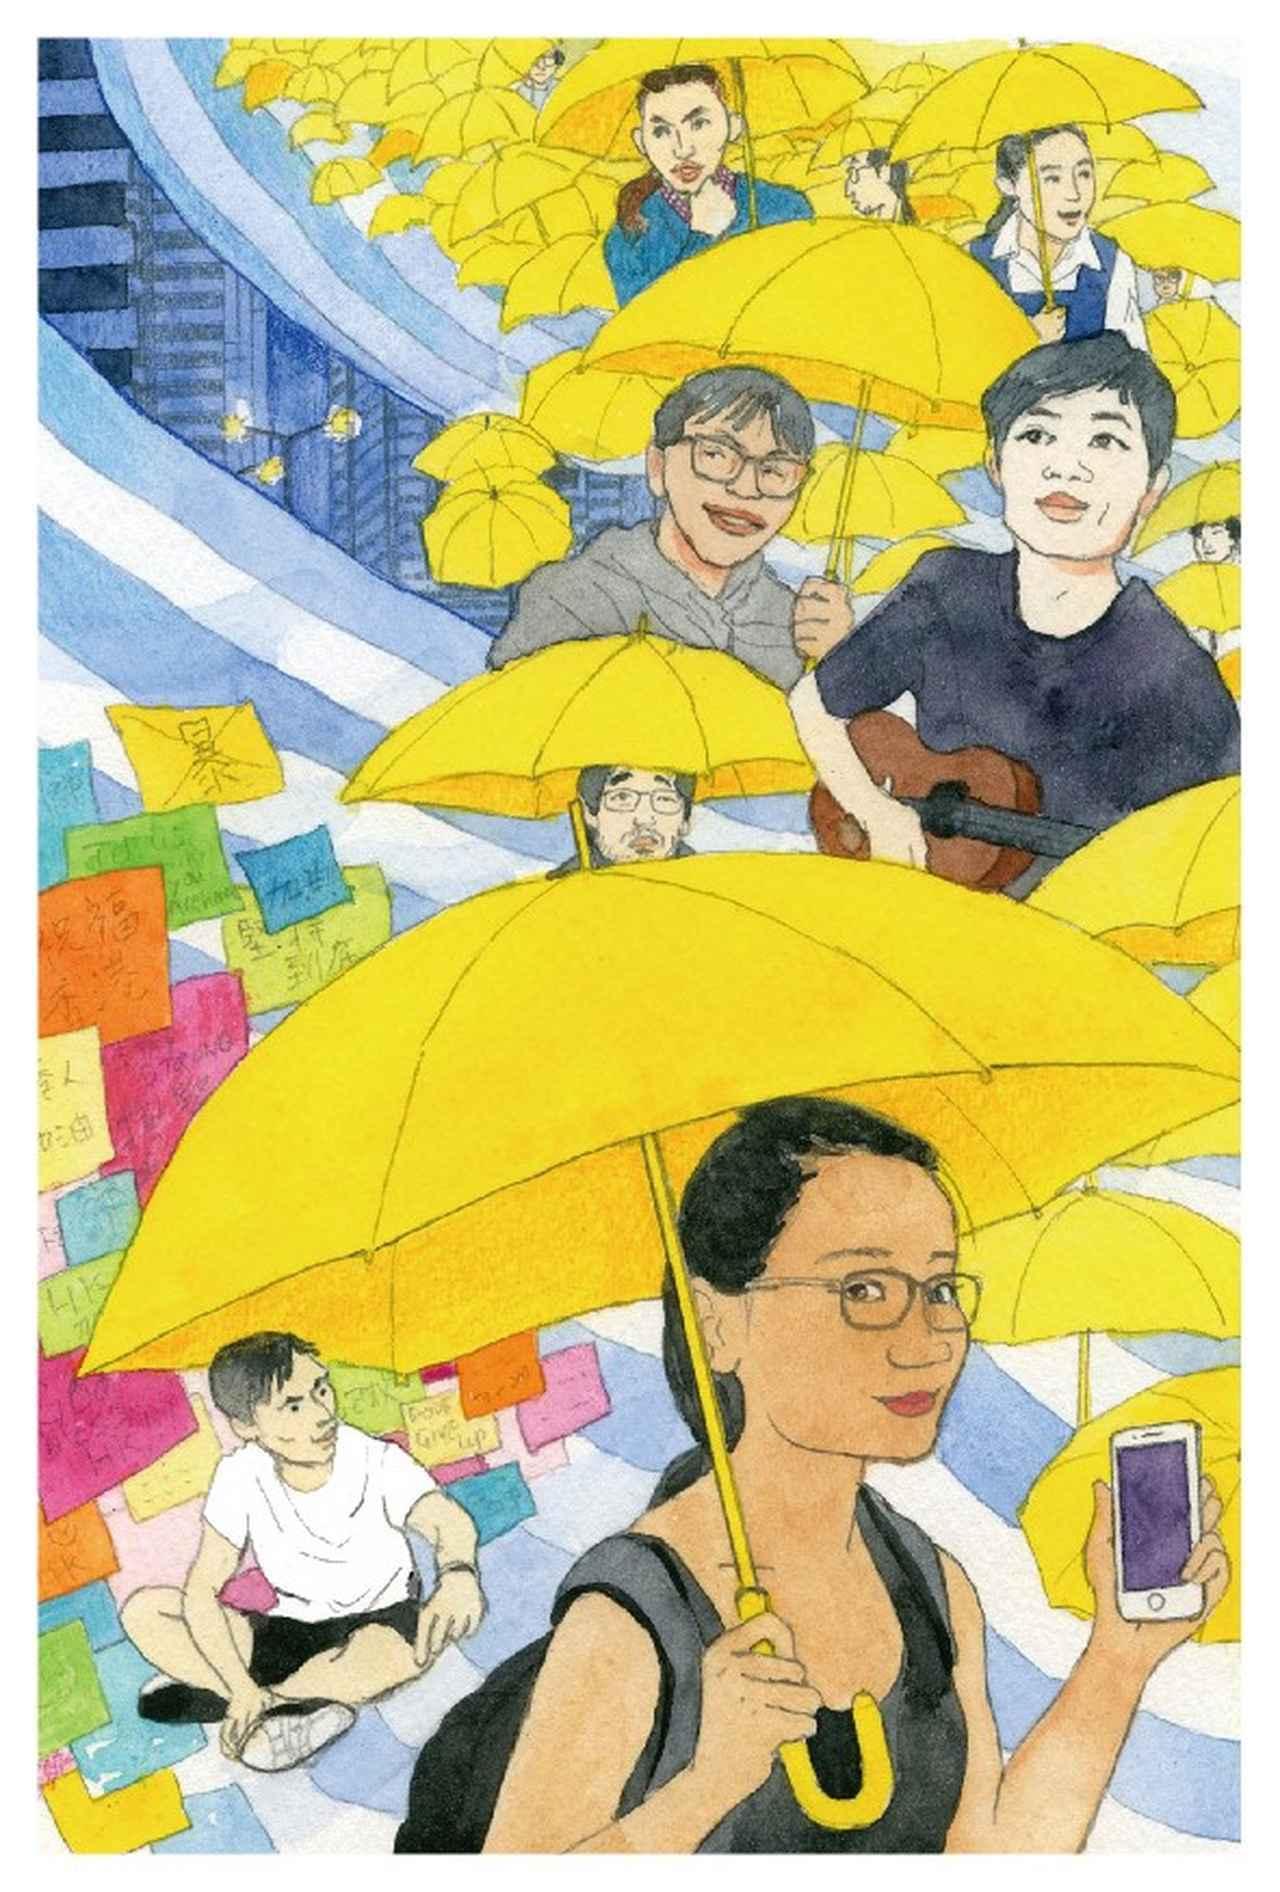 画像: 「香港の未来」を探した79日間の記録――。香港そしてアジアの未来を見つめる社会派青春群像劇ドキュメンタリー『乱世備忘 僕らの雨傘運動』公開!